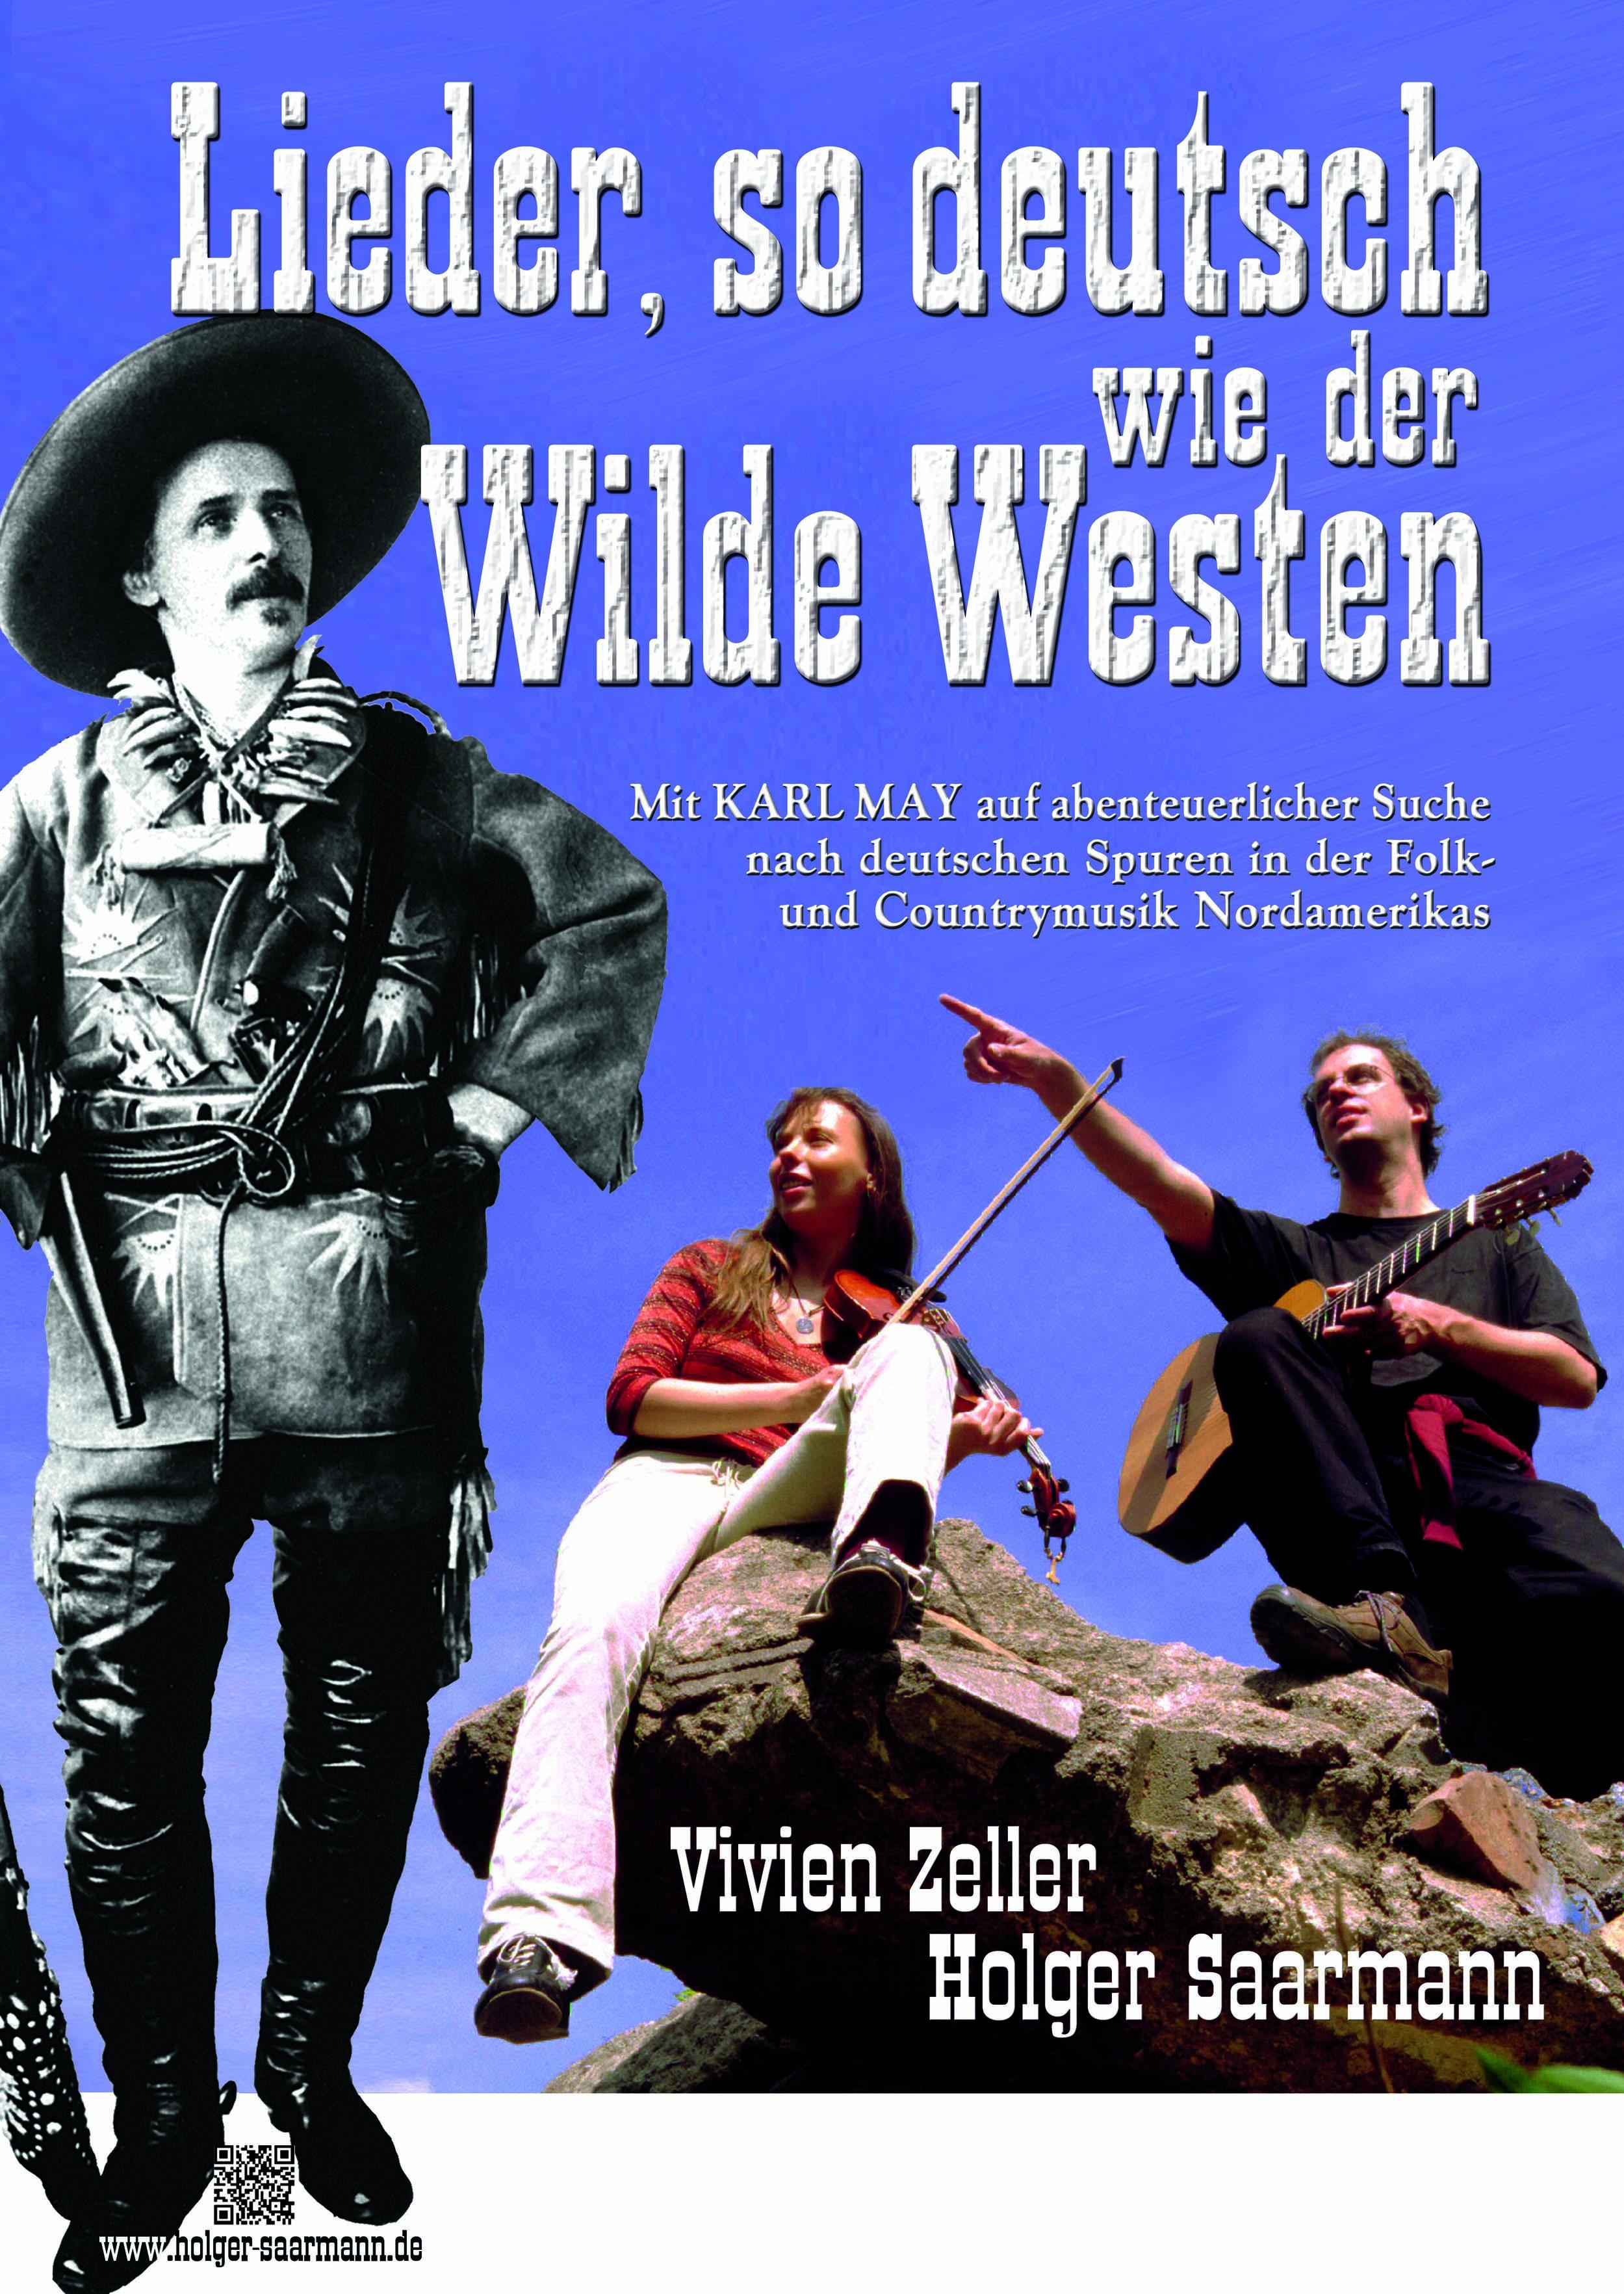 Bei Sepp: Lieder, so deutsch wie der Wilde Westen